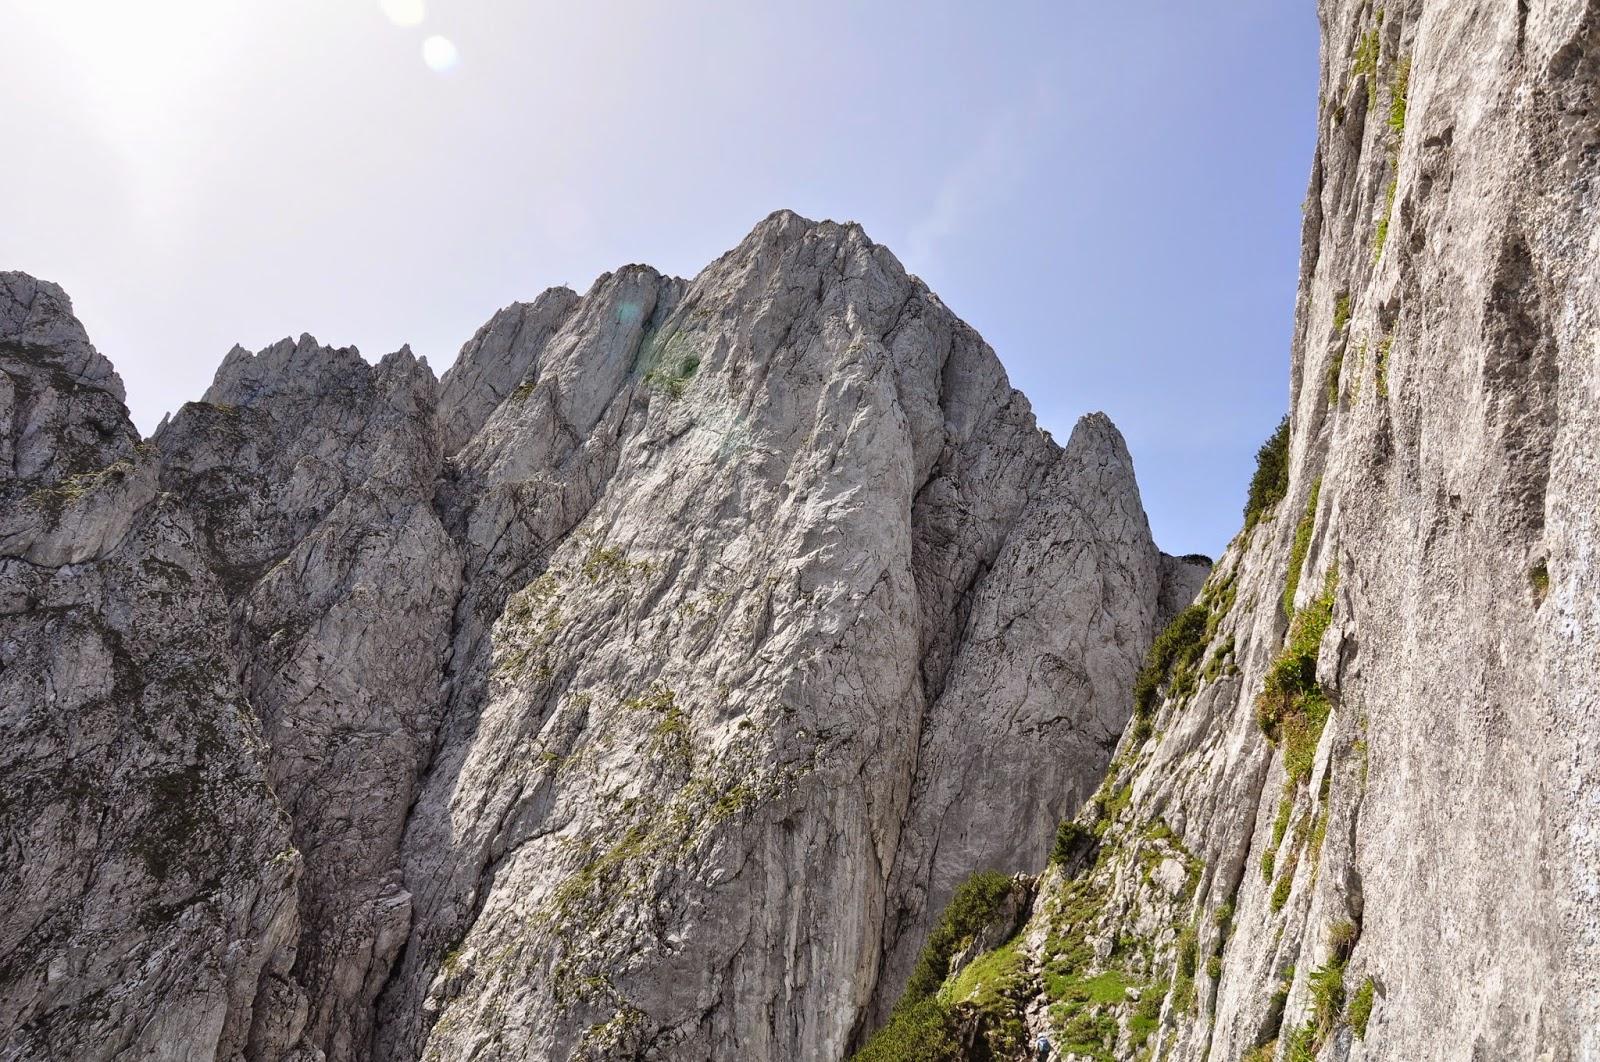 Klettersteig Intersport : Nejlepší ferraty intersport klettersteig u obtížnost c d